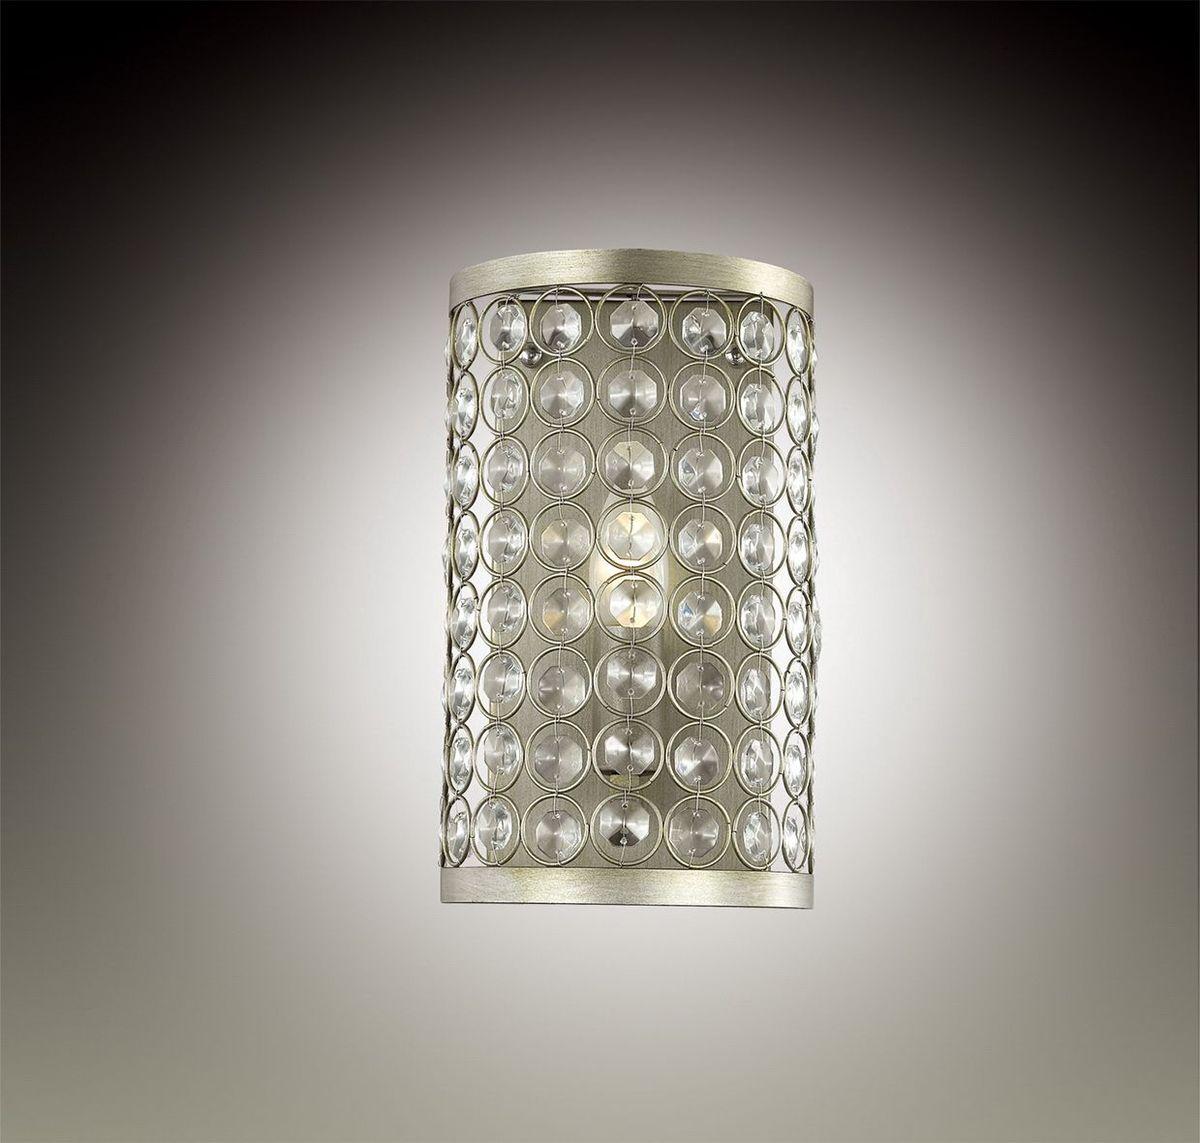 Светильник настенный Odeon Light Soras, 1 х E14, 40W. 2897/1W2897/1W